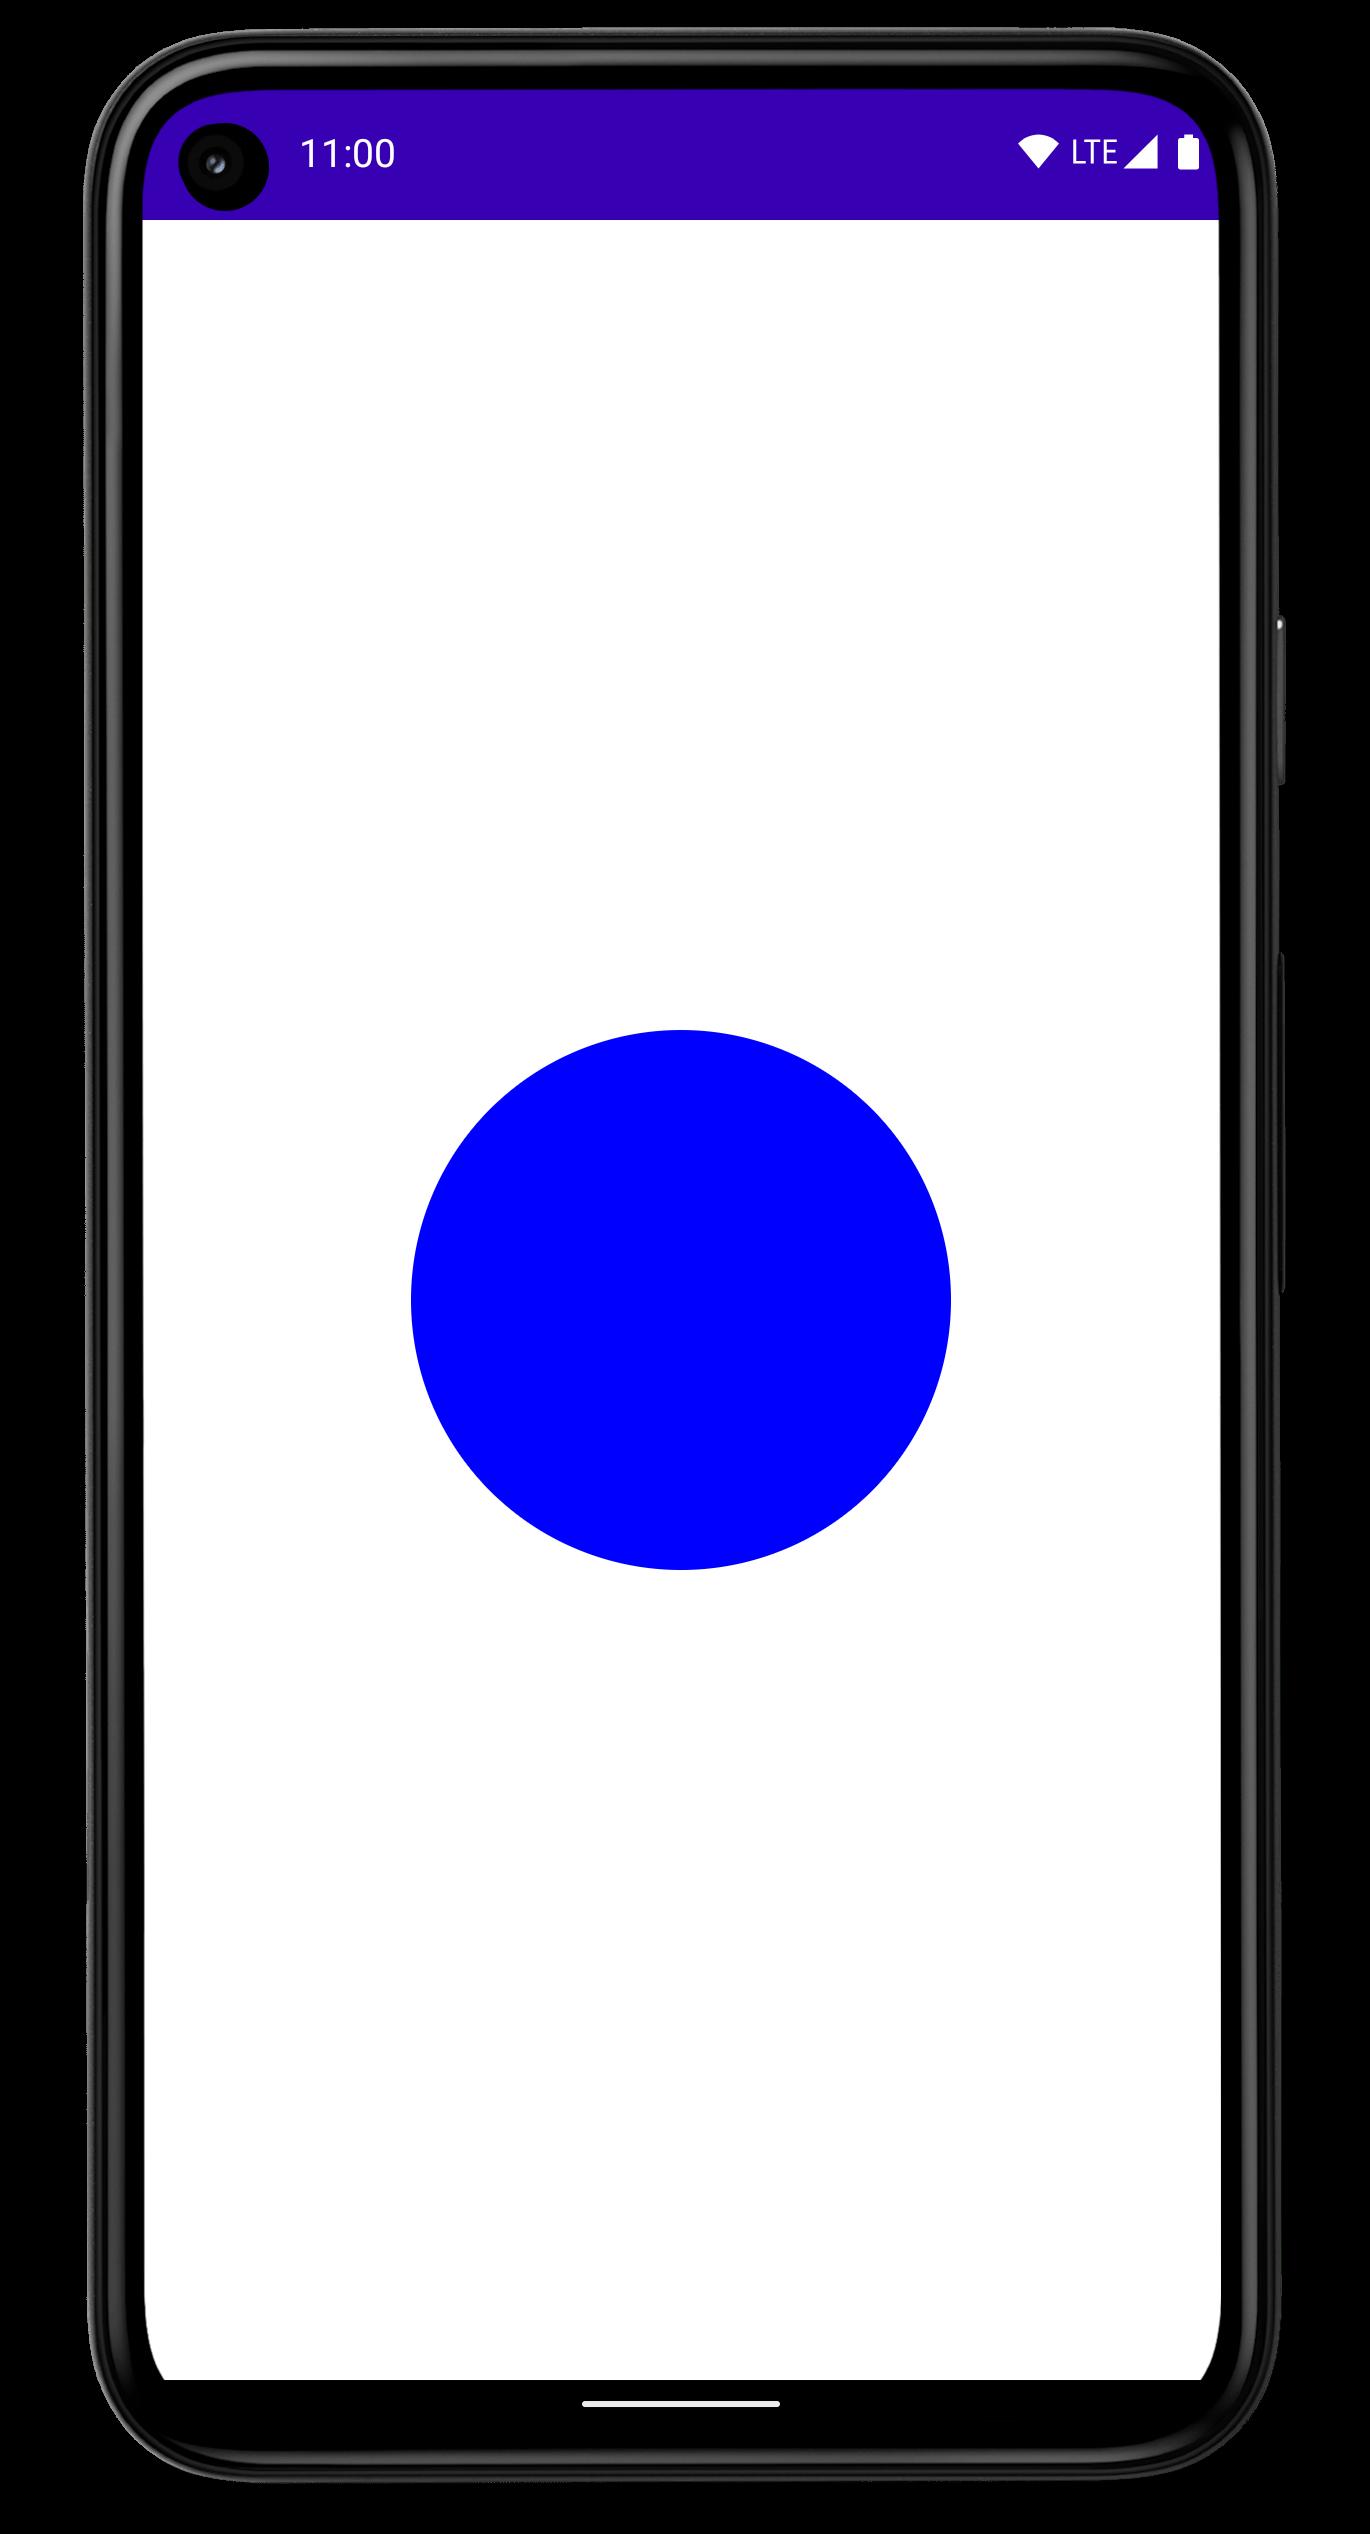 Smartphone com um círculo azul centralizado na tela.